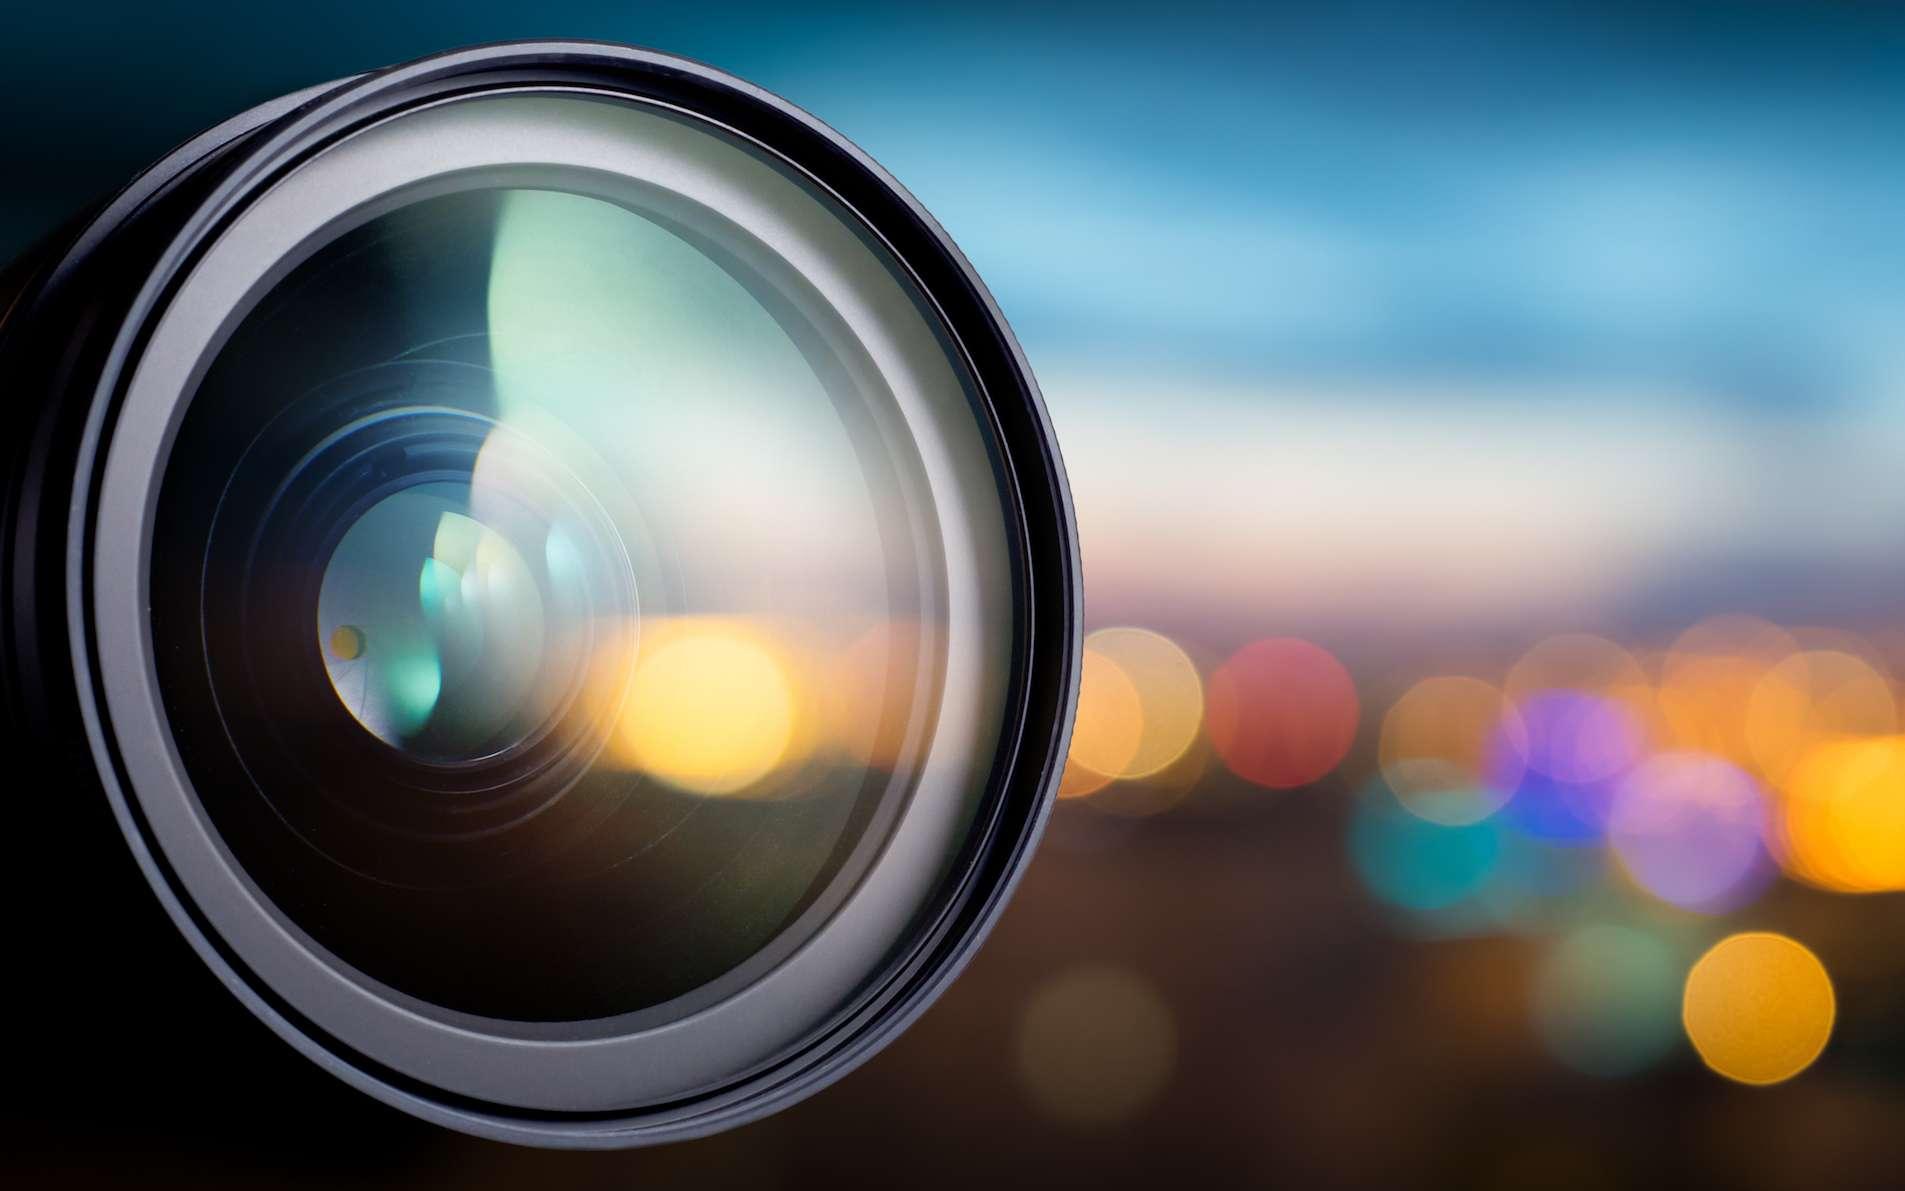 Les lentilles que l'on trouve aujourd'hui, entre autres dans les téléobjectifs de nos appareils photo, sont lourdes et encombrantes. Cela pourrait changer grâce à la découverte d'une équipe de chercheurs américains. © Triff, Shutterstock